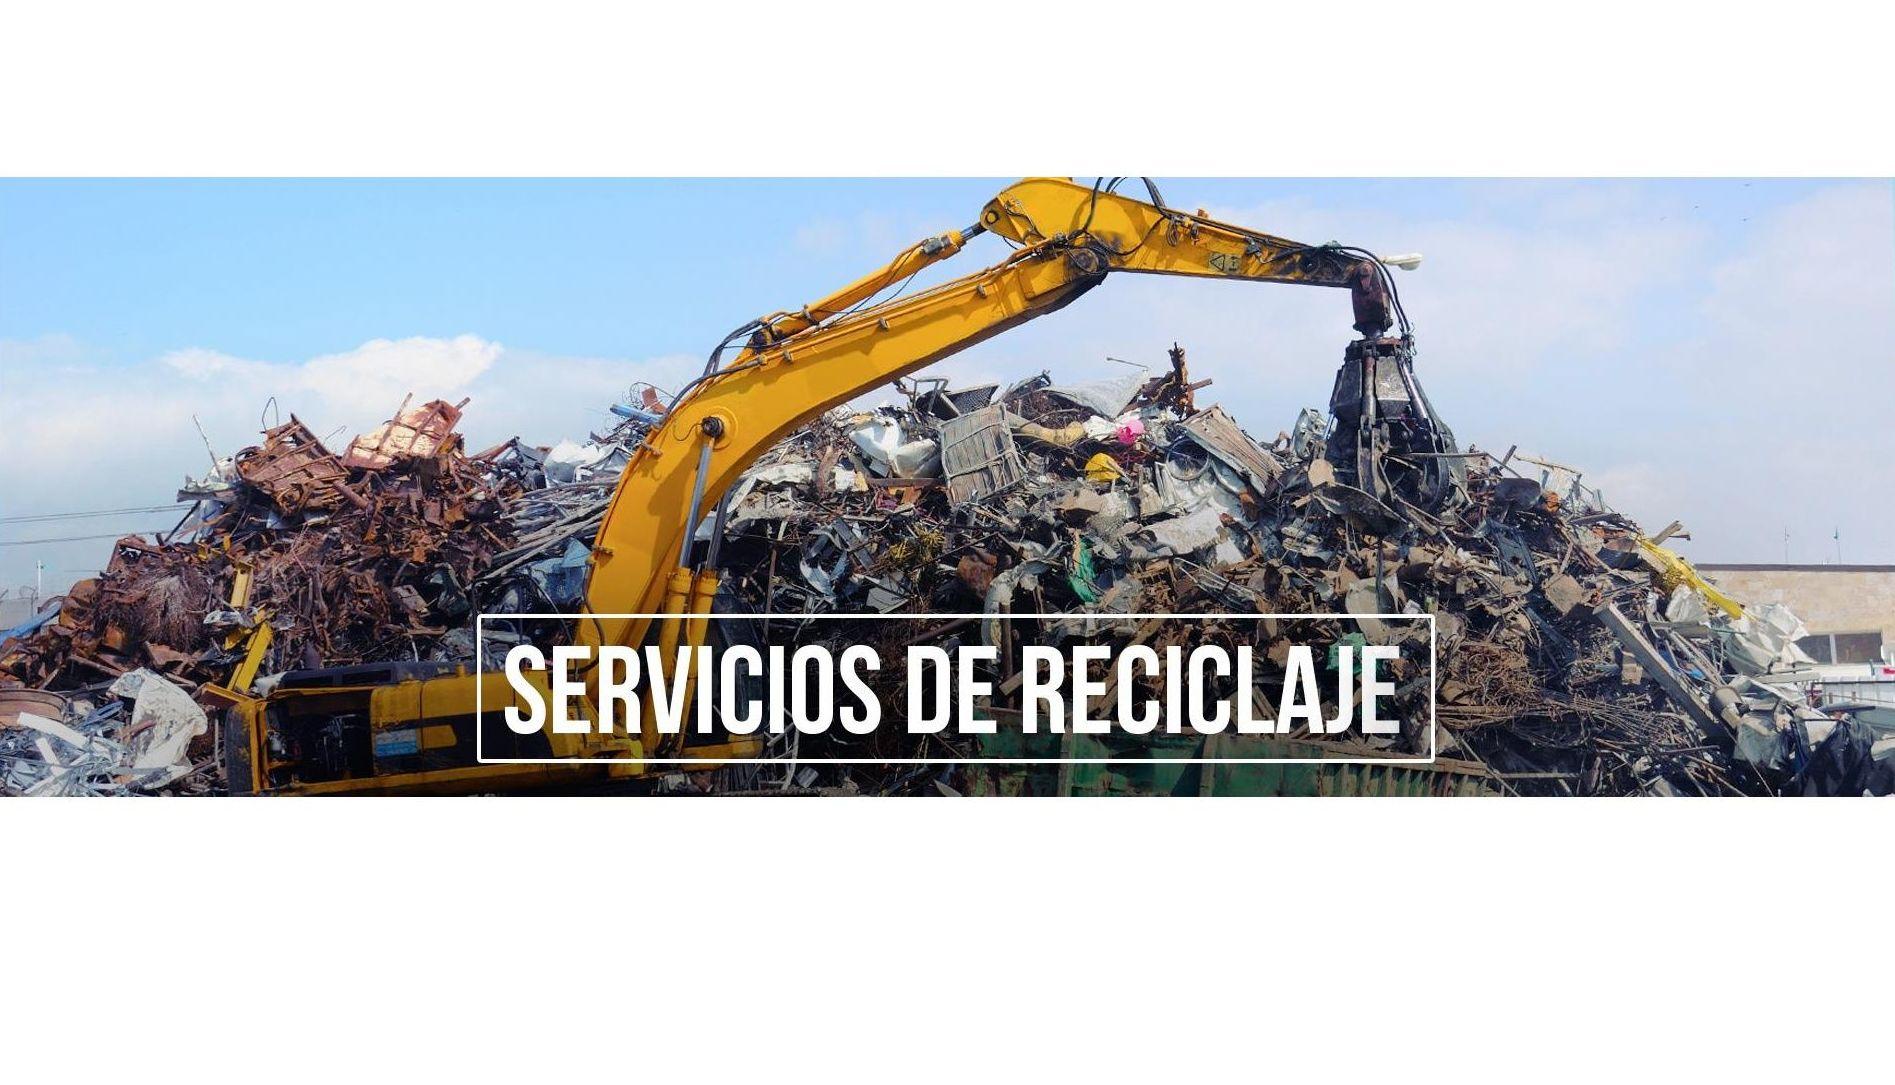 Reciclaje y gestión de residuos: Servicios de Reciclajes Epa